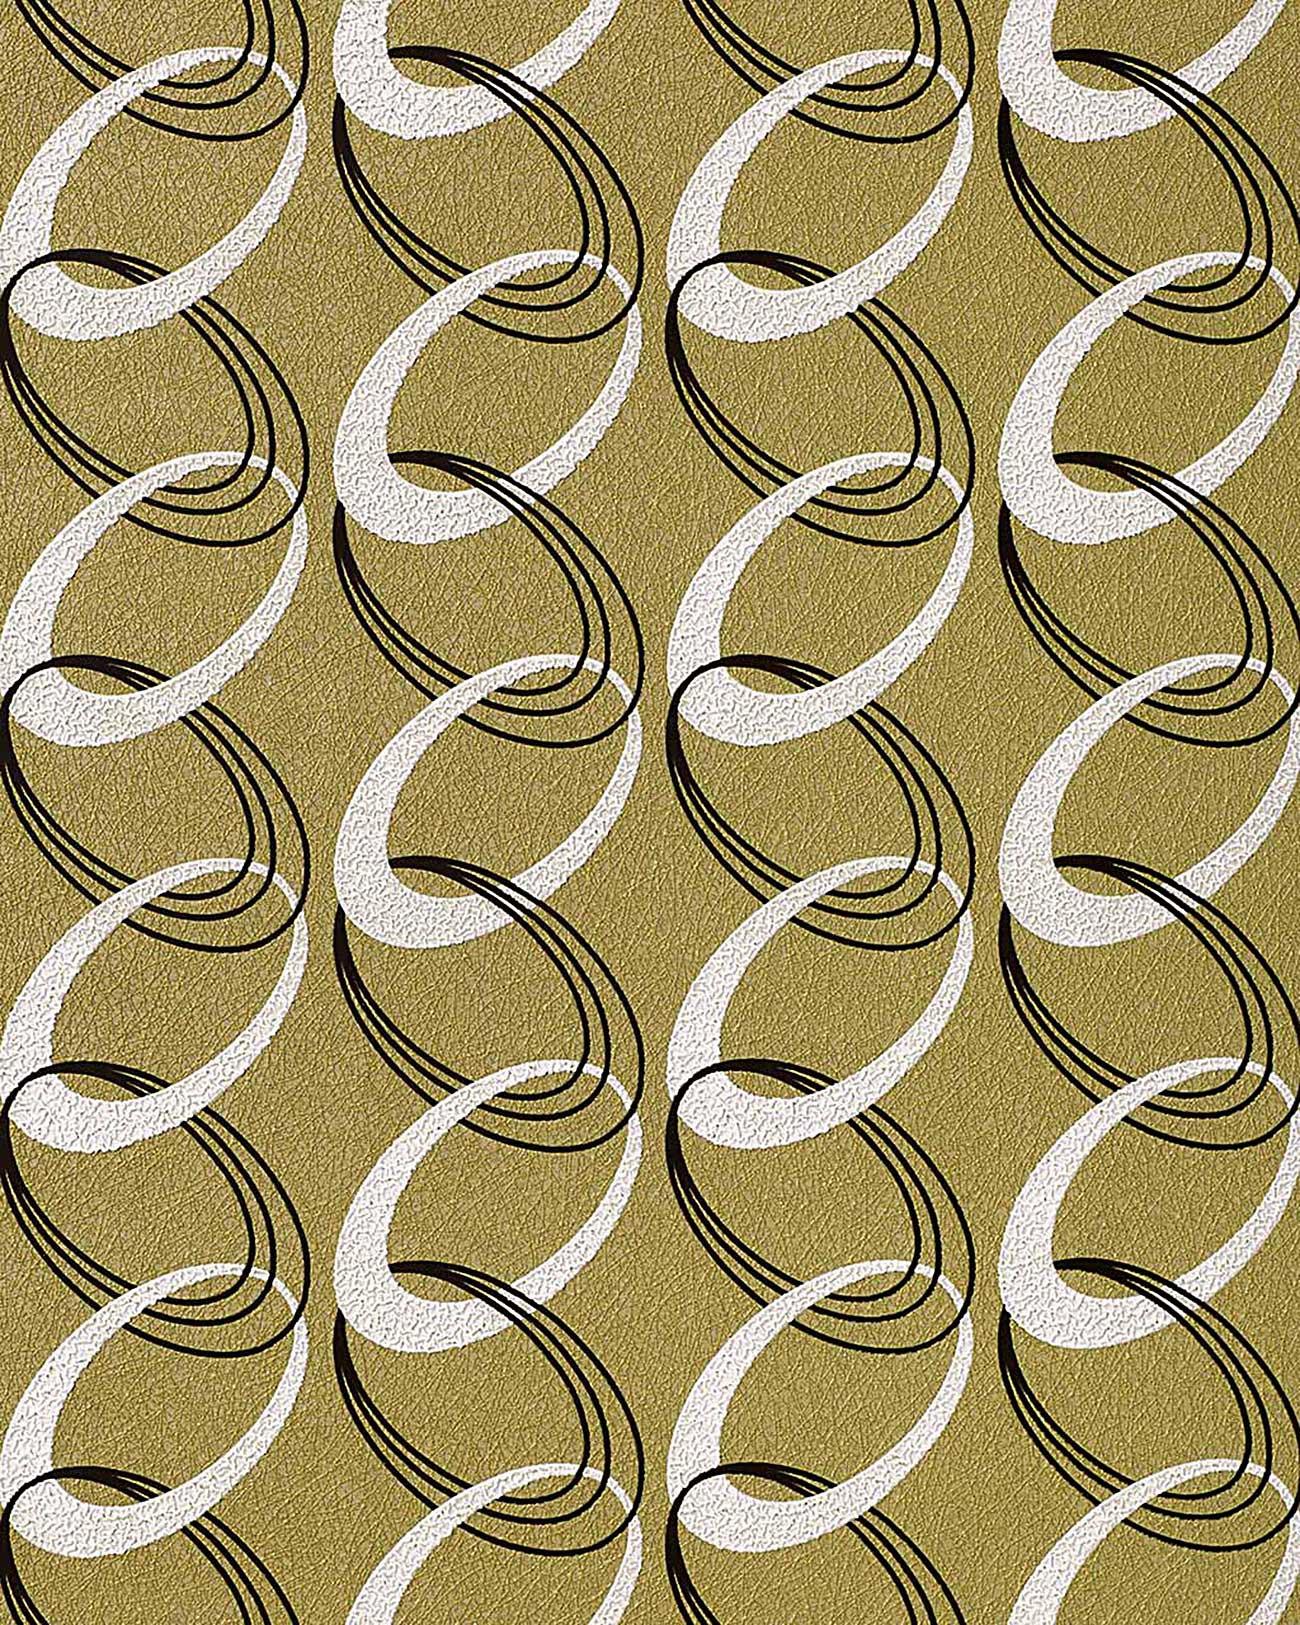 Edem 1017 15 fashion designer 70er retro rings tapete for Retro tapete